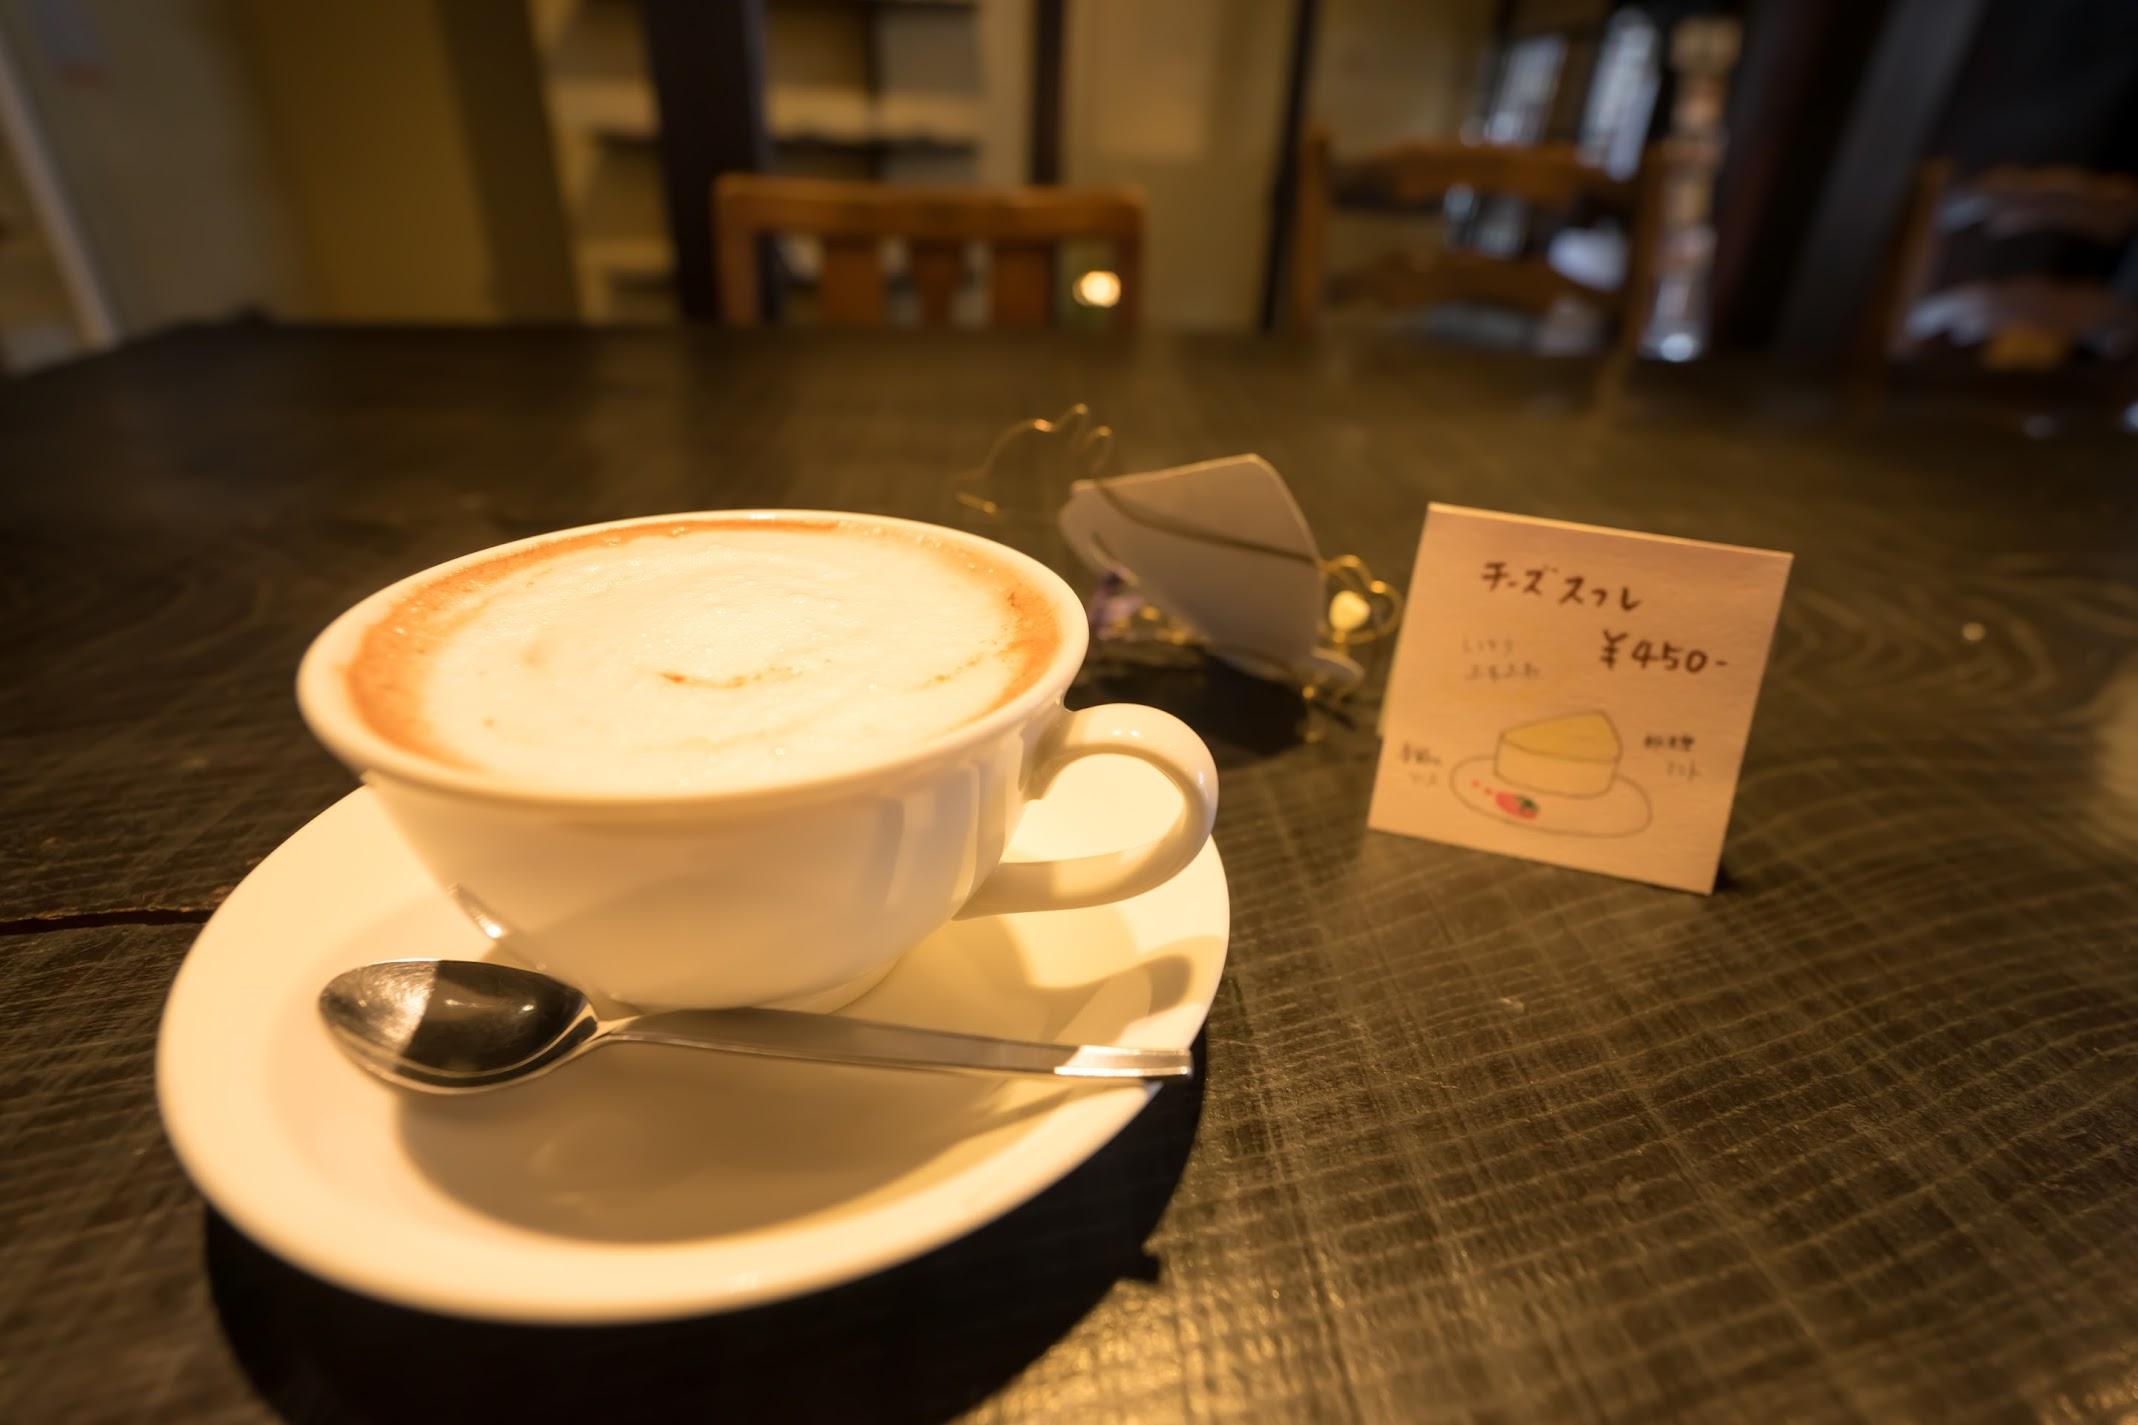 飛騨古川 壱之町珈琲店4